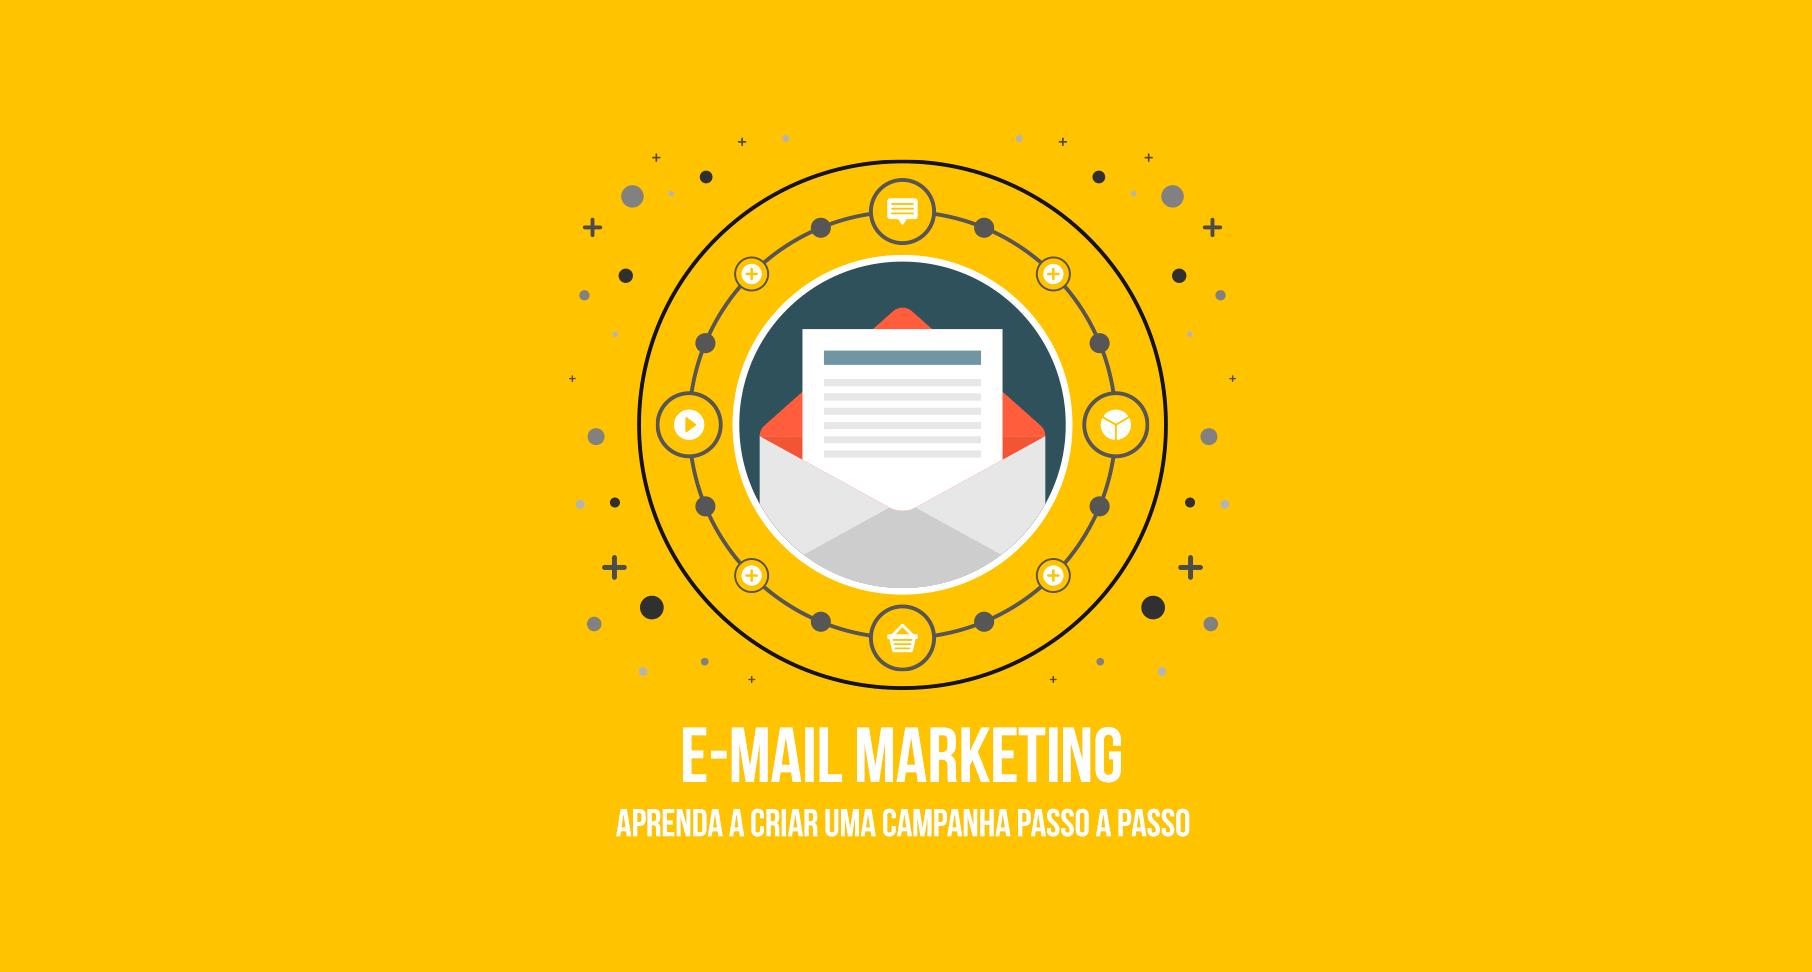 Como criar uma campanha de E-mail Marketing no Elastic E-mail